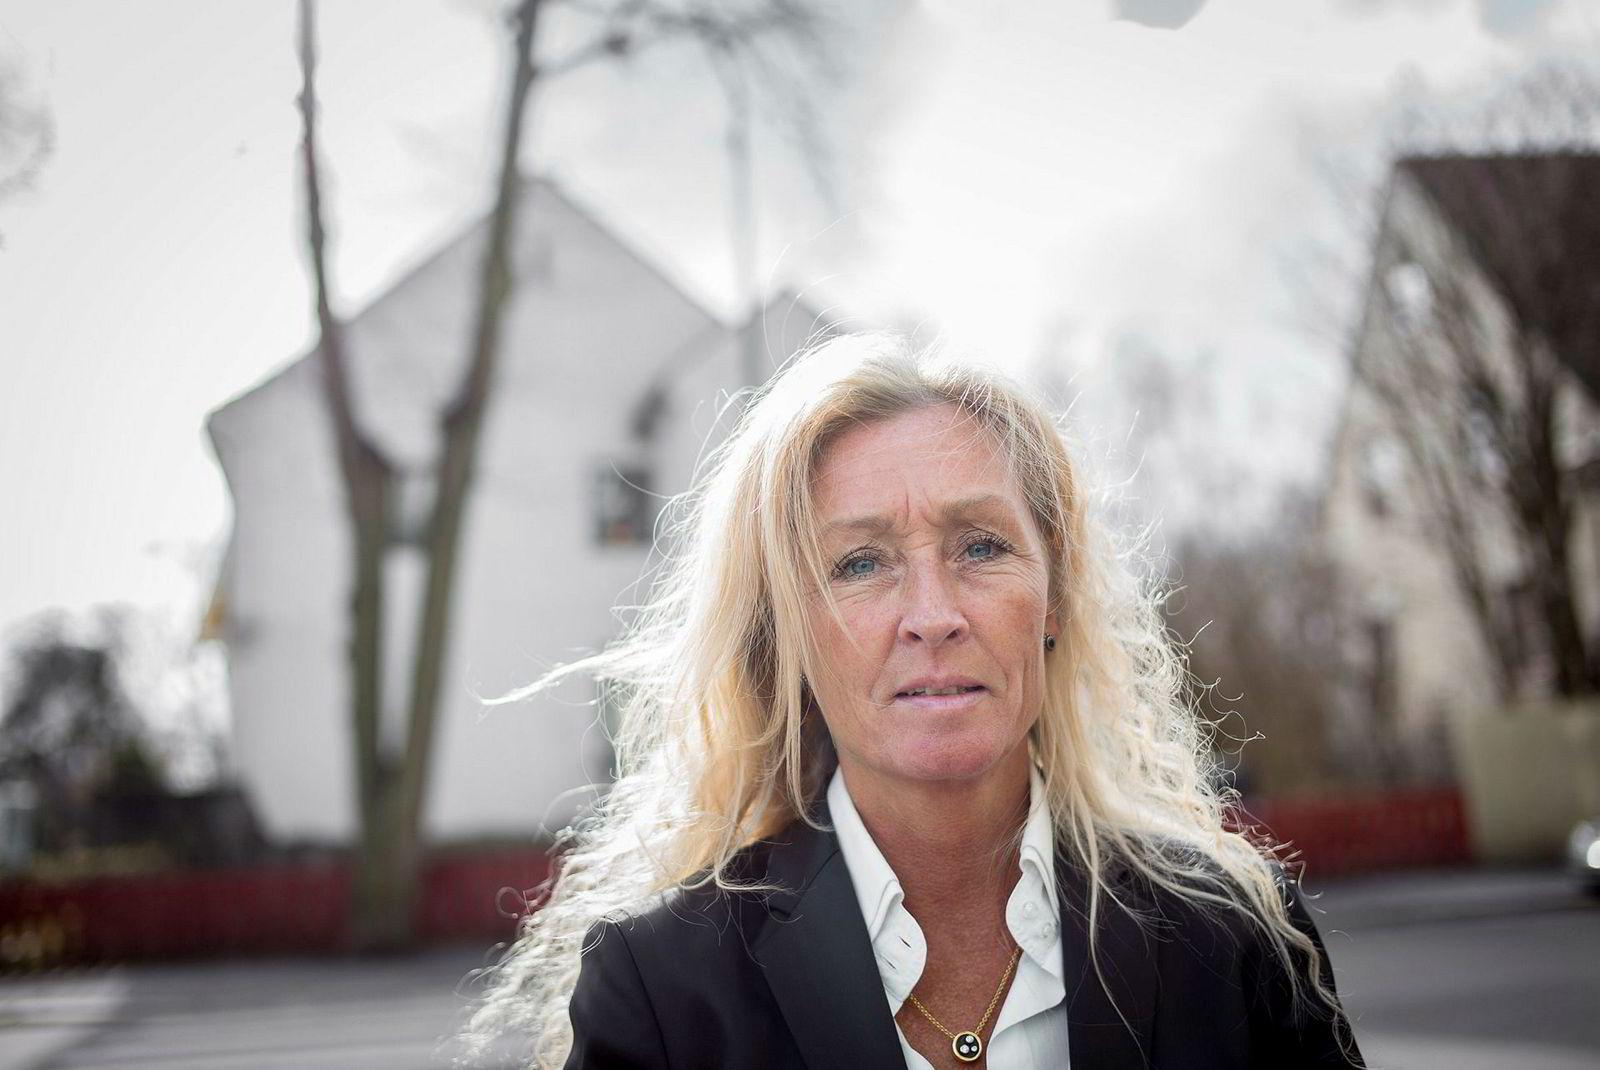 Administrerende direktør Grethe Wittenberg Meier i Privatmegleren.